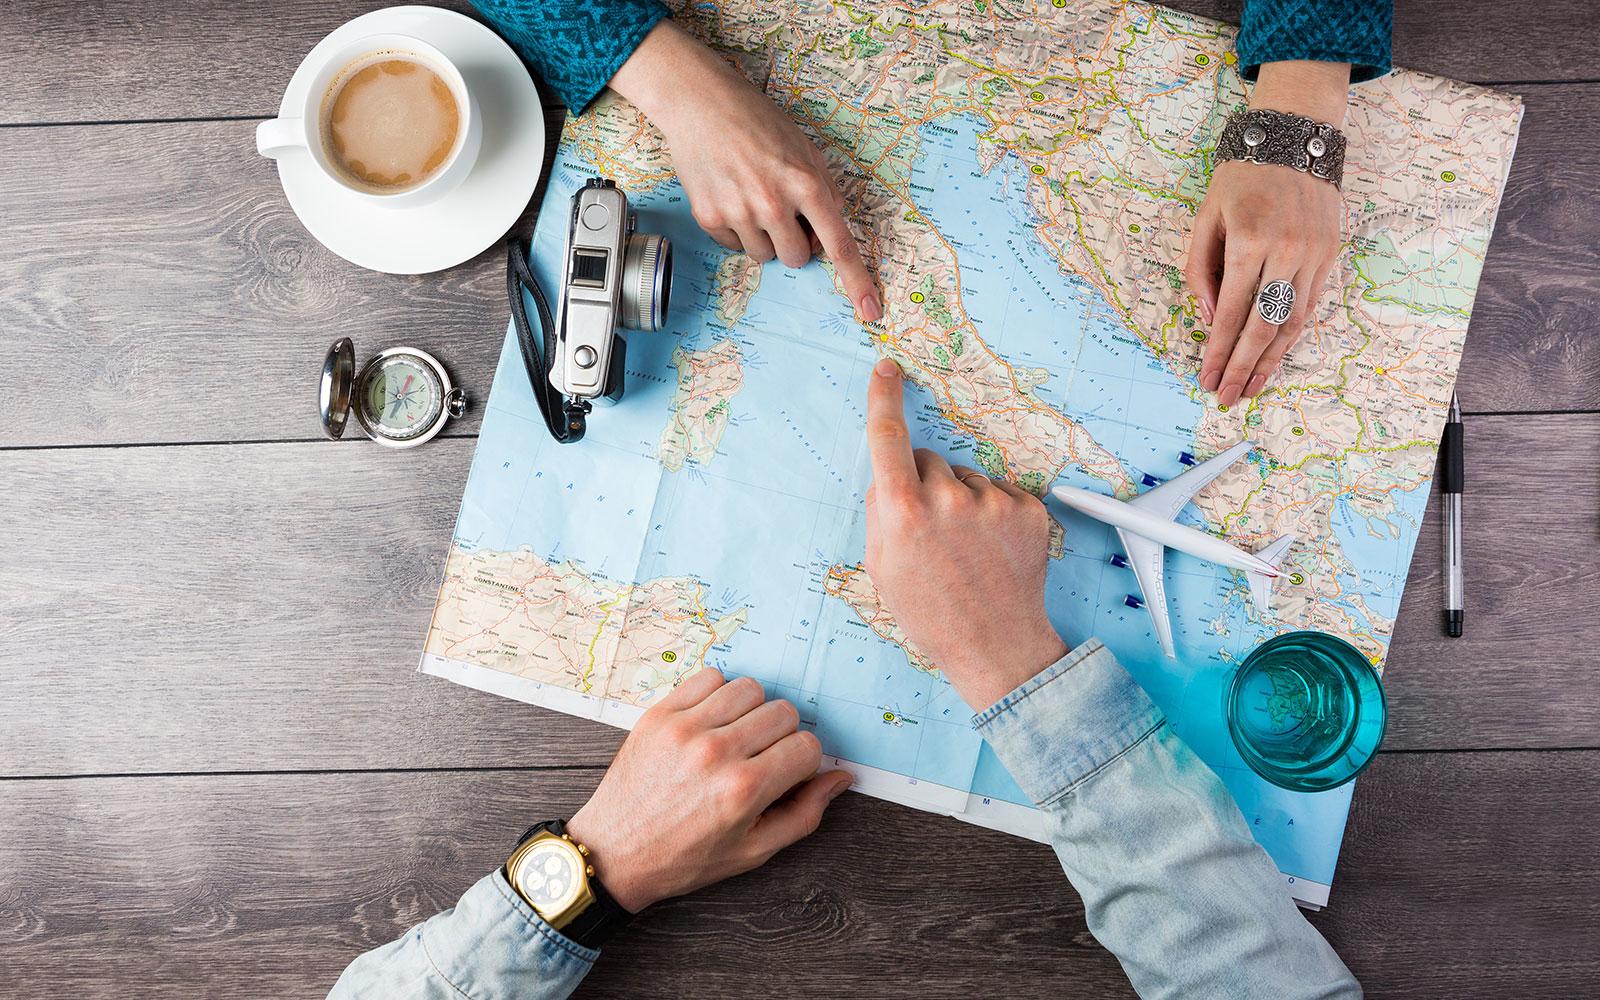 Planifica tu viaje lo mejor posible